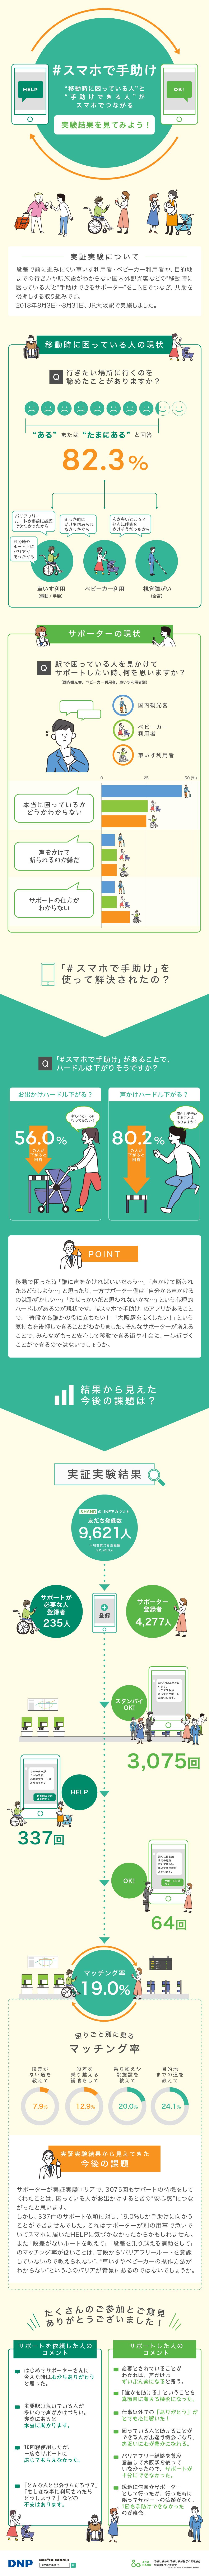 「#スマホで手助け」実証実験@大阪_結果